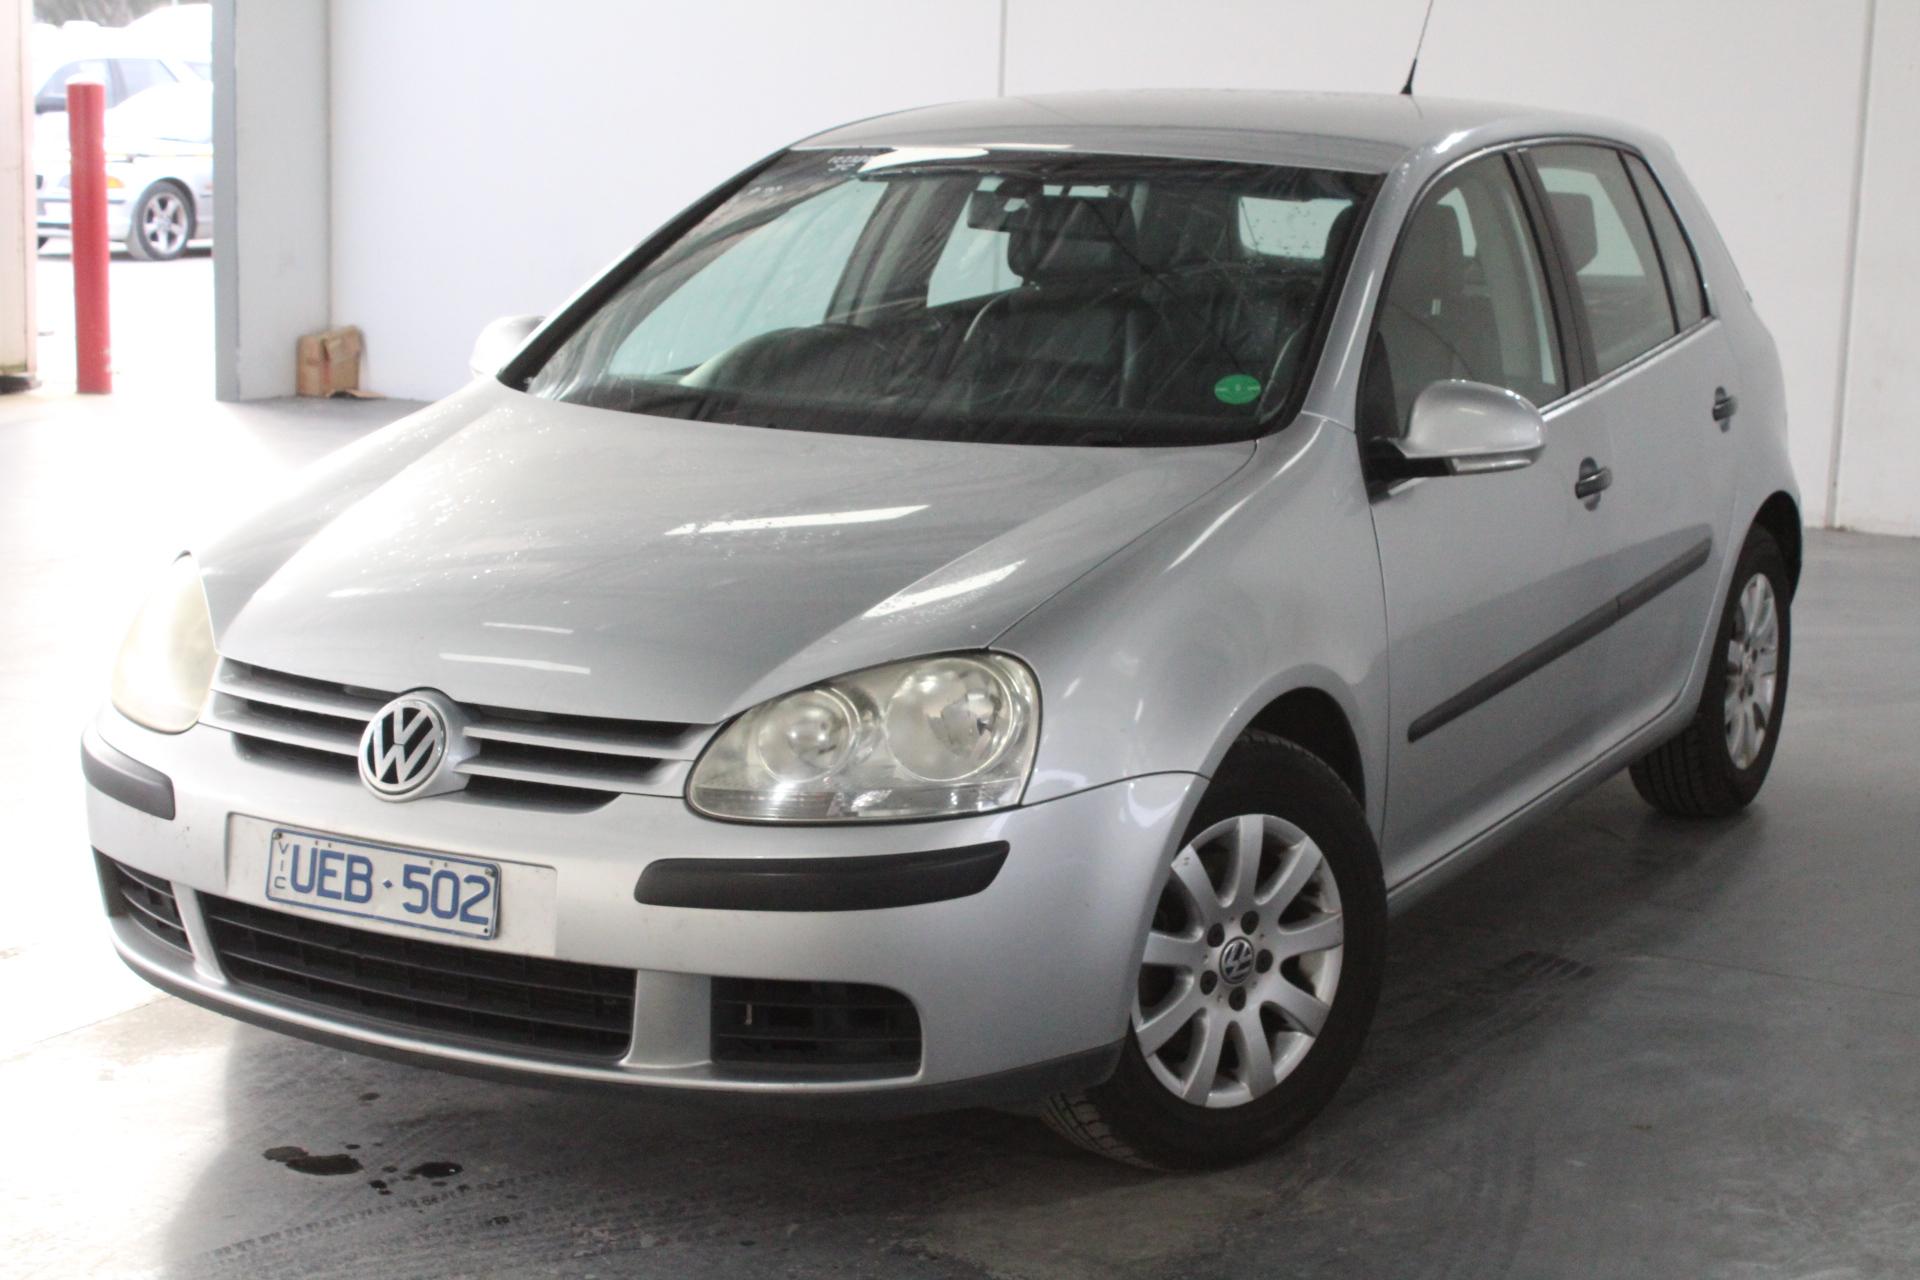 2006 Volkswagen Golf 2.0 TDI Comfortline 1k T/D Auto Hatch